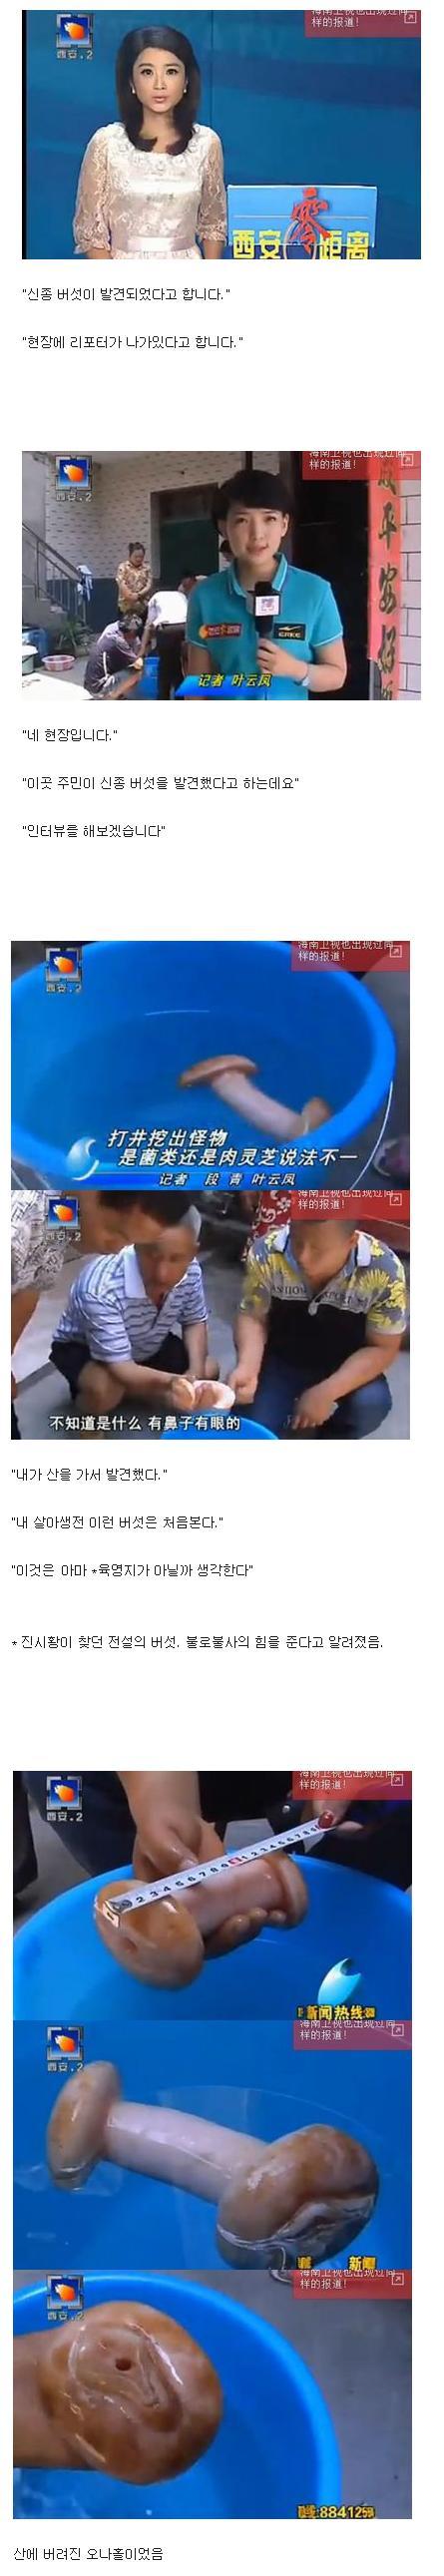 중국의 신종 버섯.jpg